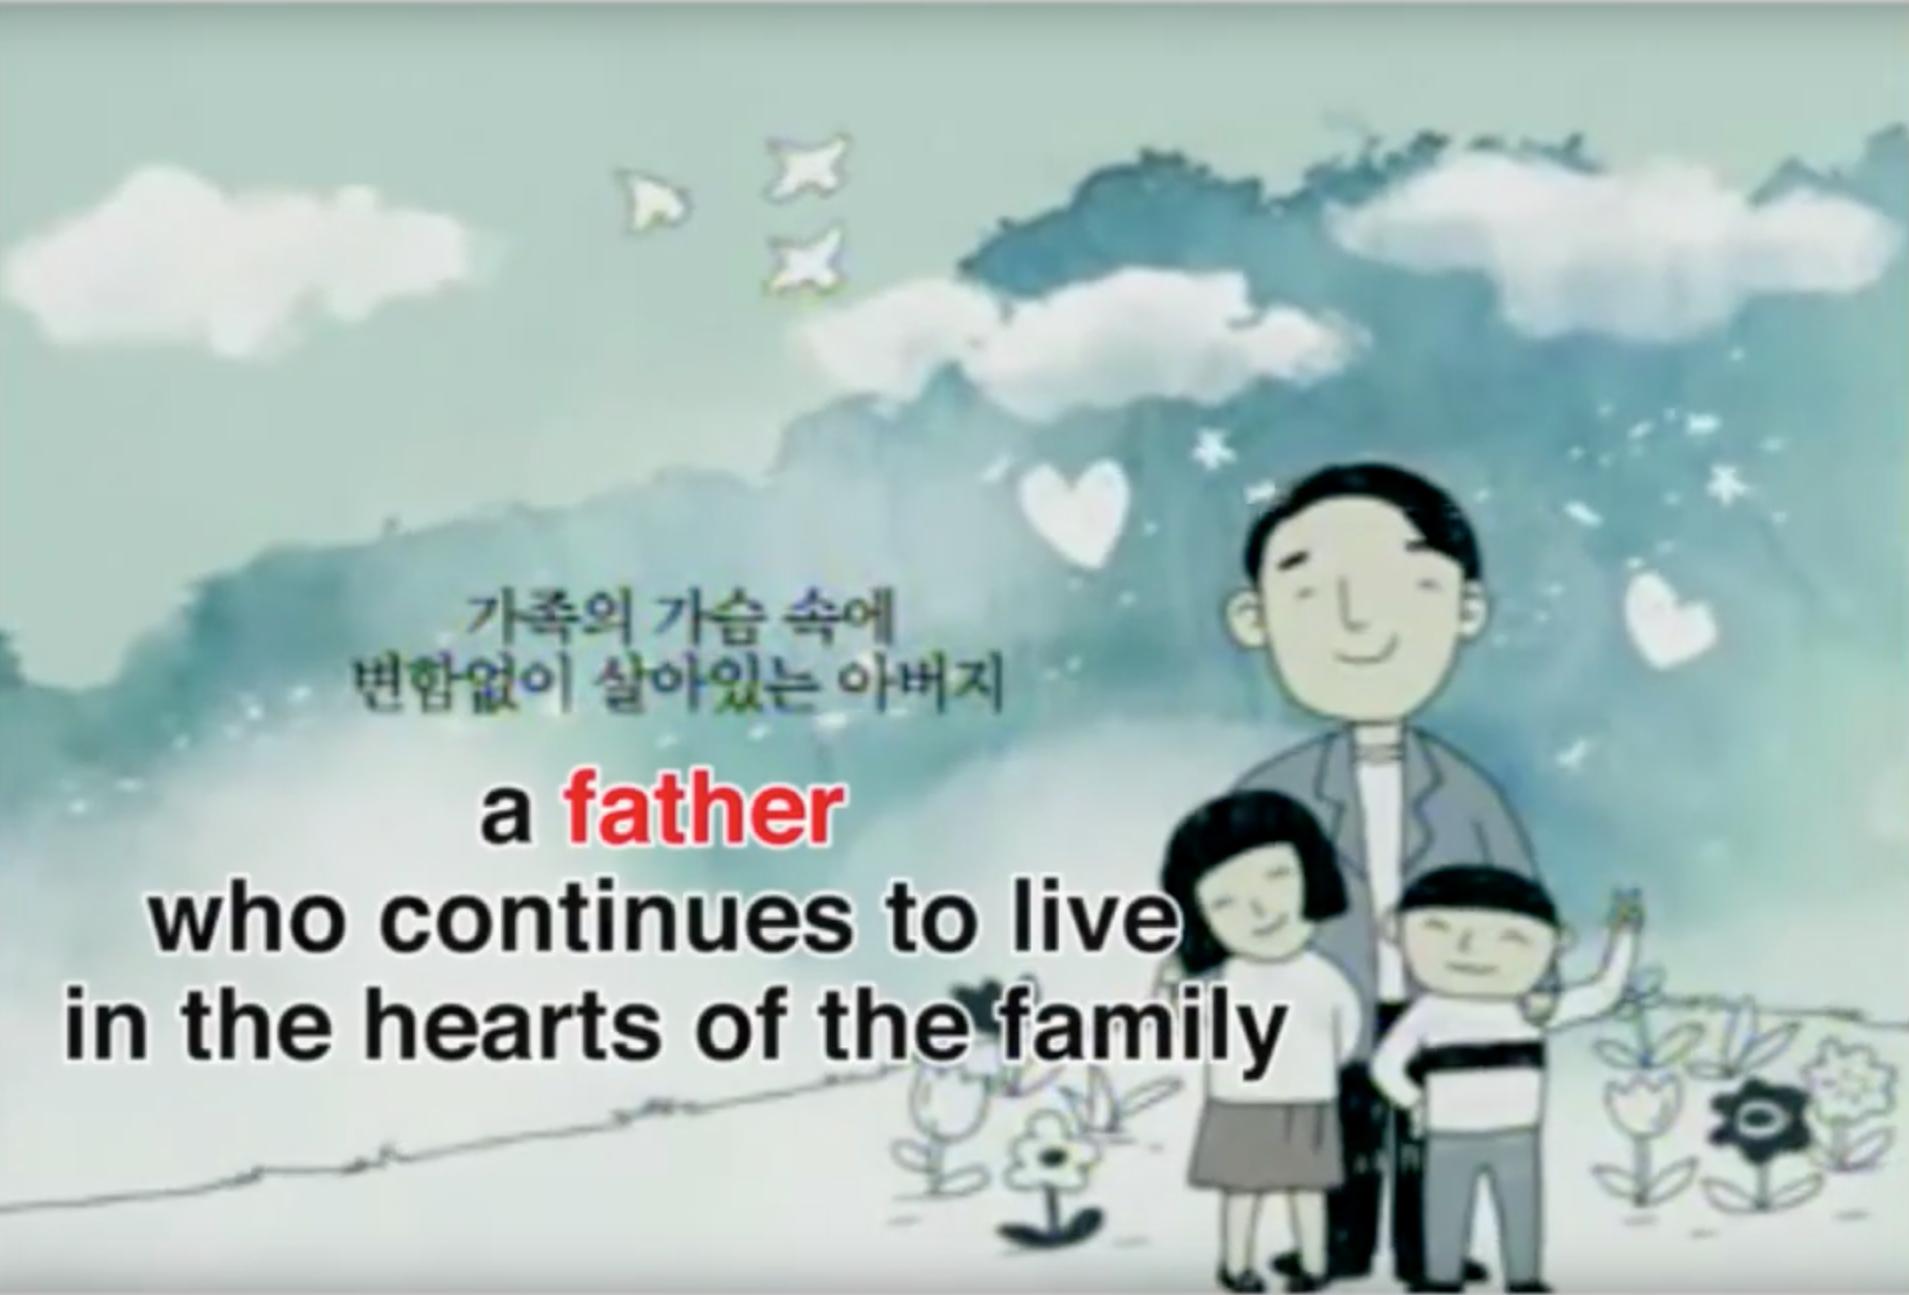 정상 가족 (영어 자막)  이 작품은 2005-2015 사이에 제작된 한국 광고들 중, '이상적' 가족과 관련된 역할 롤모델들을 성차별적으로, 또는 과장되게 다룬 것들을 수집한 것이다. 선별된 영상들이 끝나고 나오는 엔딩크레딧은 영화크레딧을 패러디하였다. '정상가족'이라는 픽션은 각종 기업에 의해 협찬받는 것으로 제시되며, 기업로고들은 회전하여 대한민국의 국기를 이룬 다. 이 영상의 영어자막은 미국 상영회를 위해 첨부된 것이다.